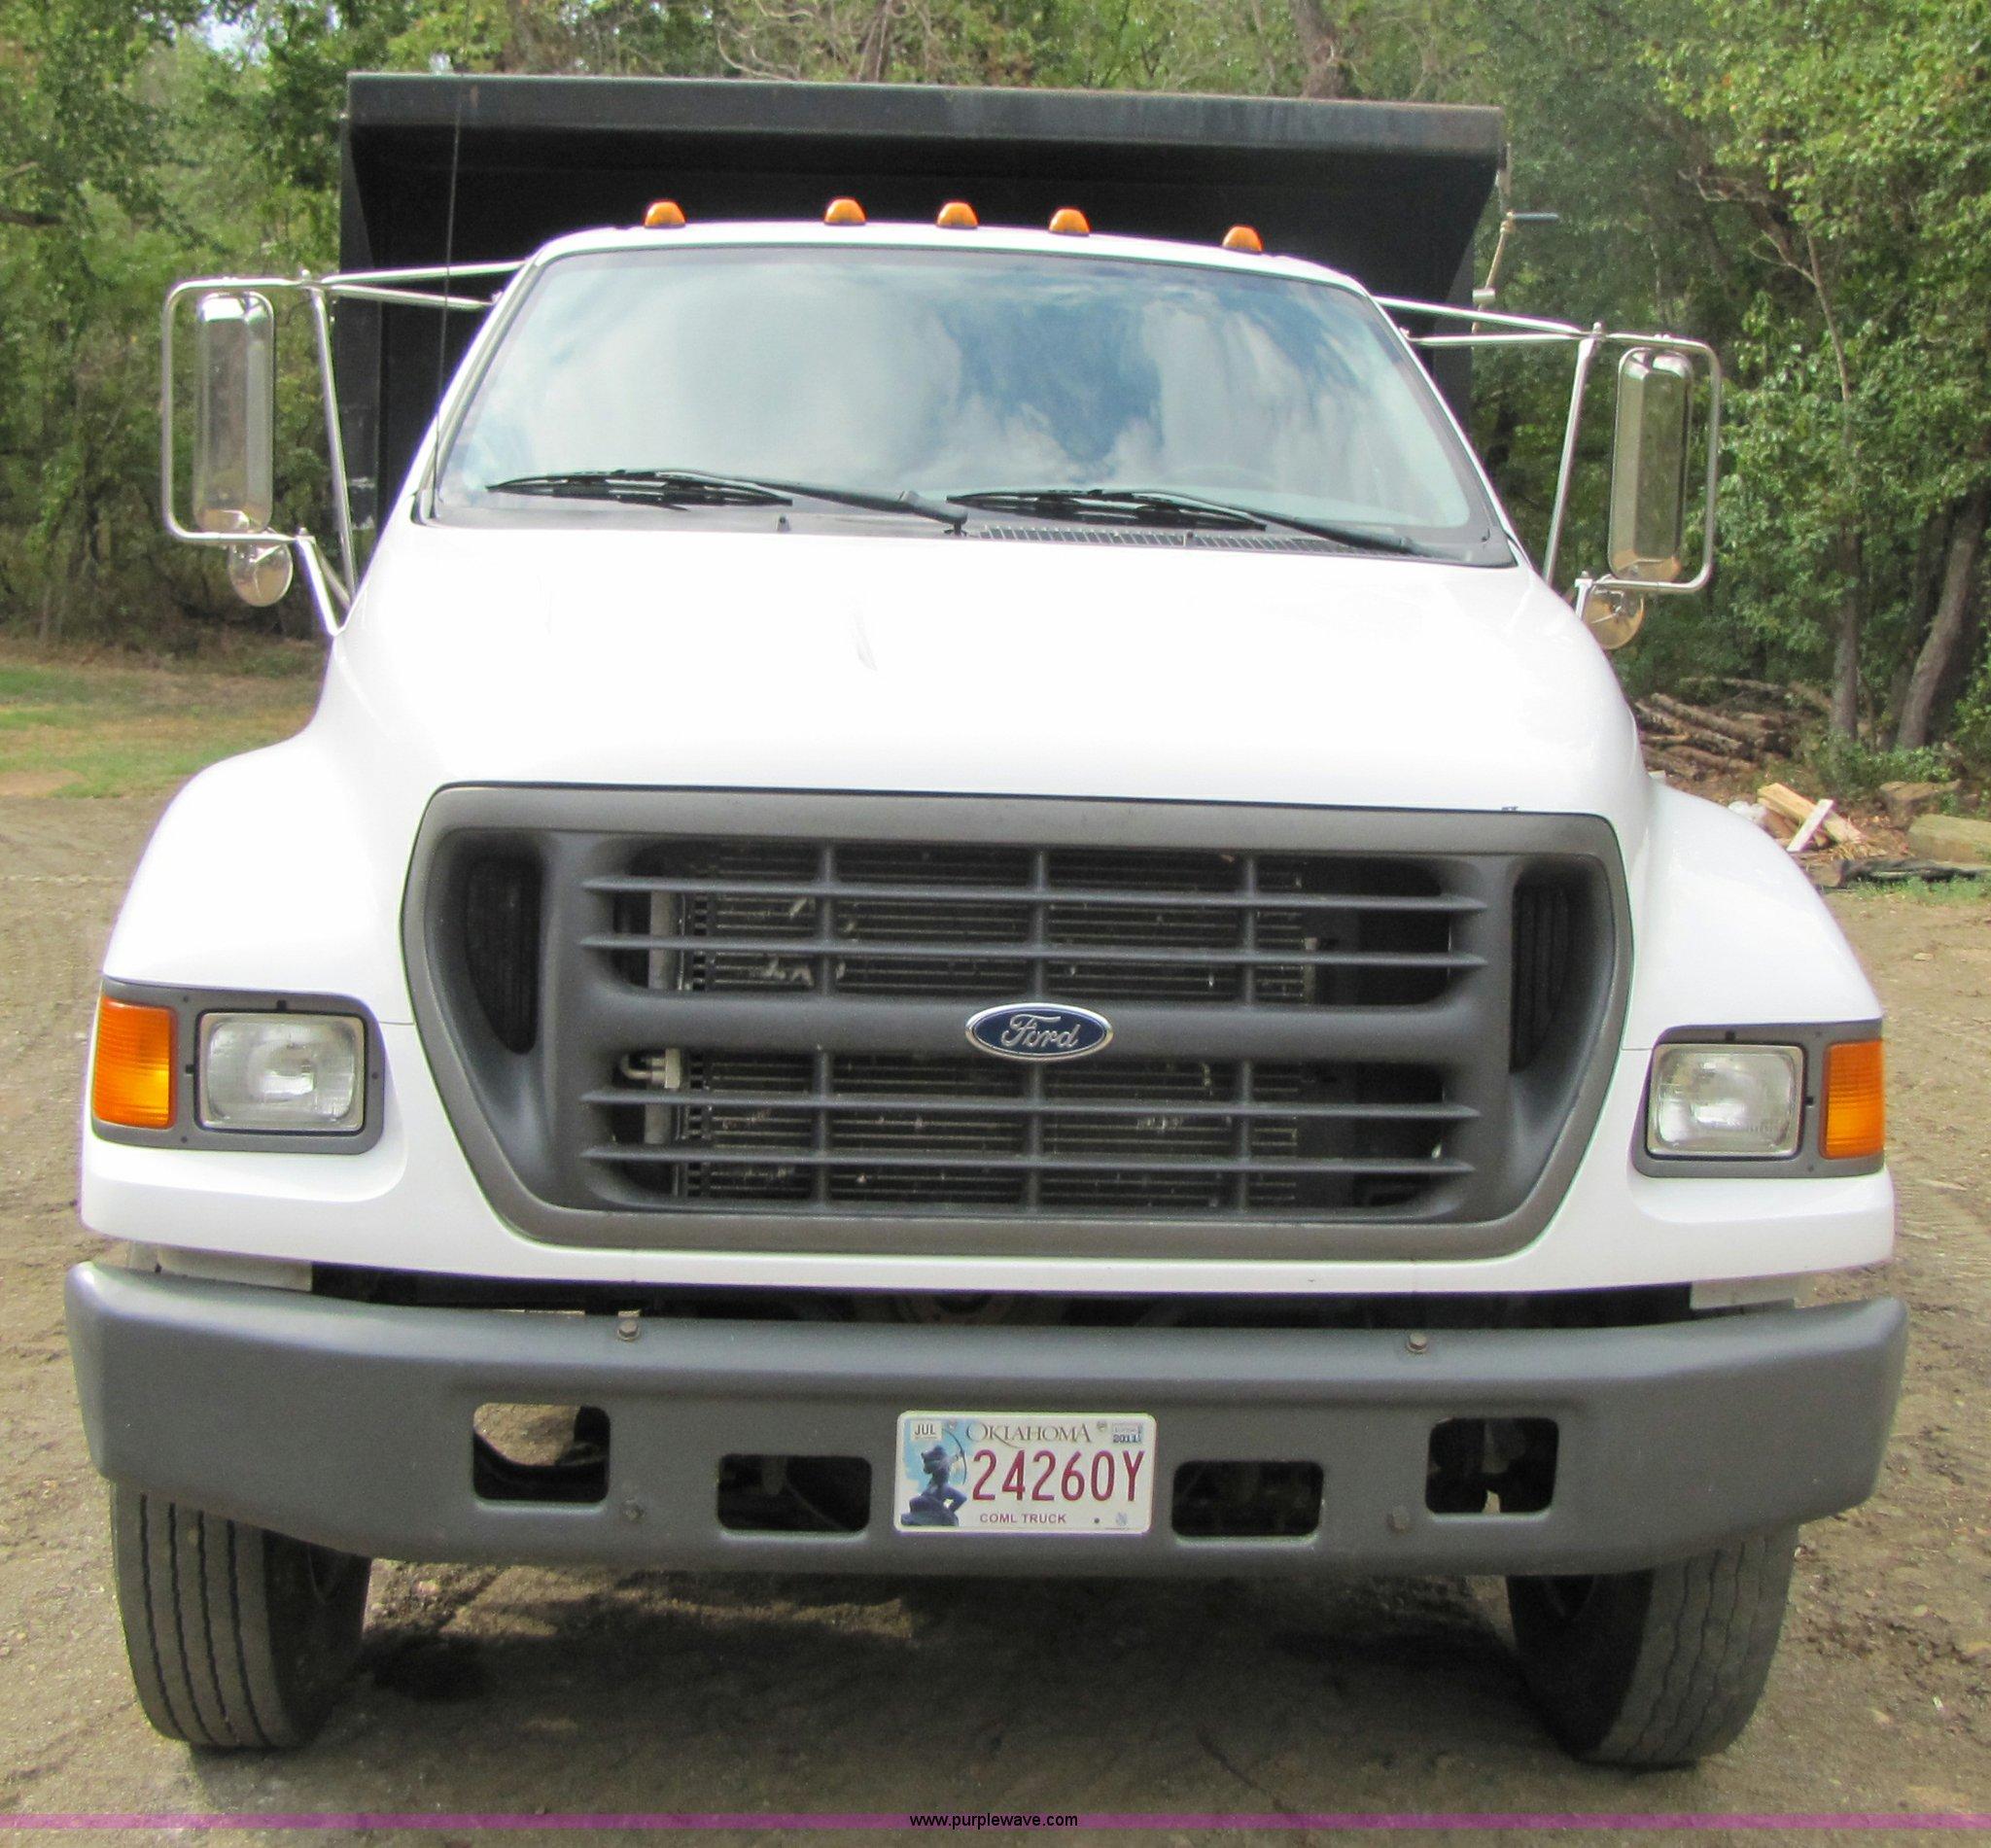 walk ford truck dump price watch around youtube